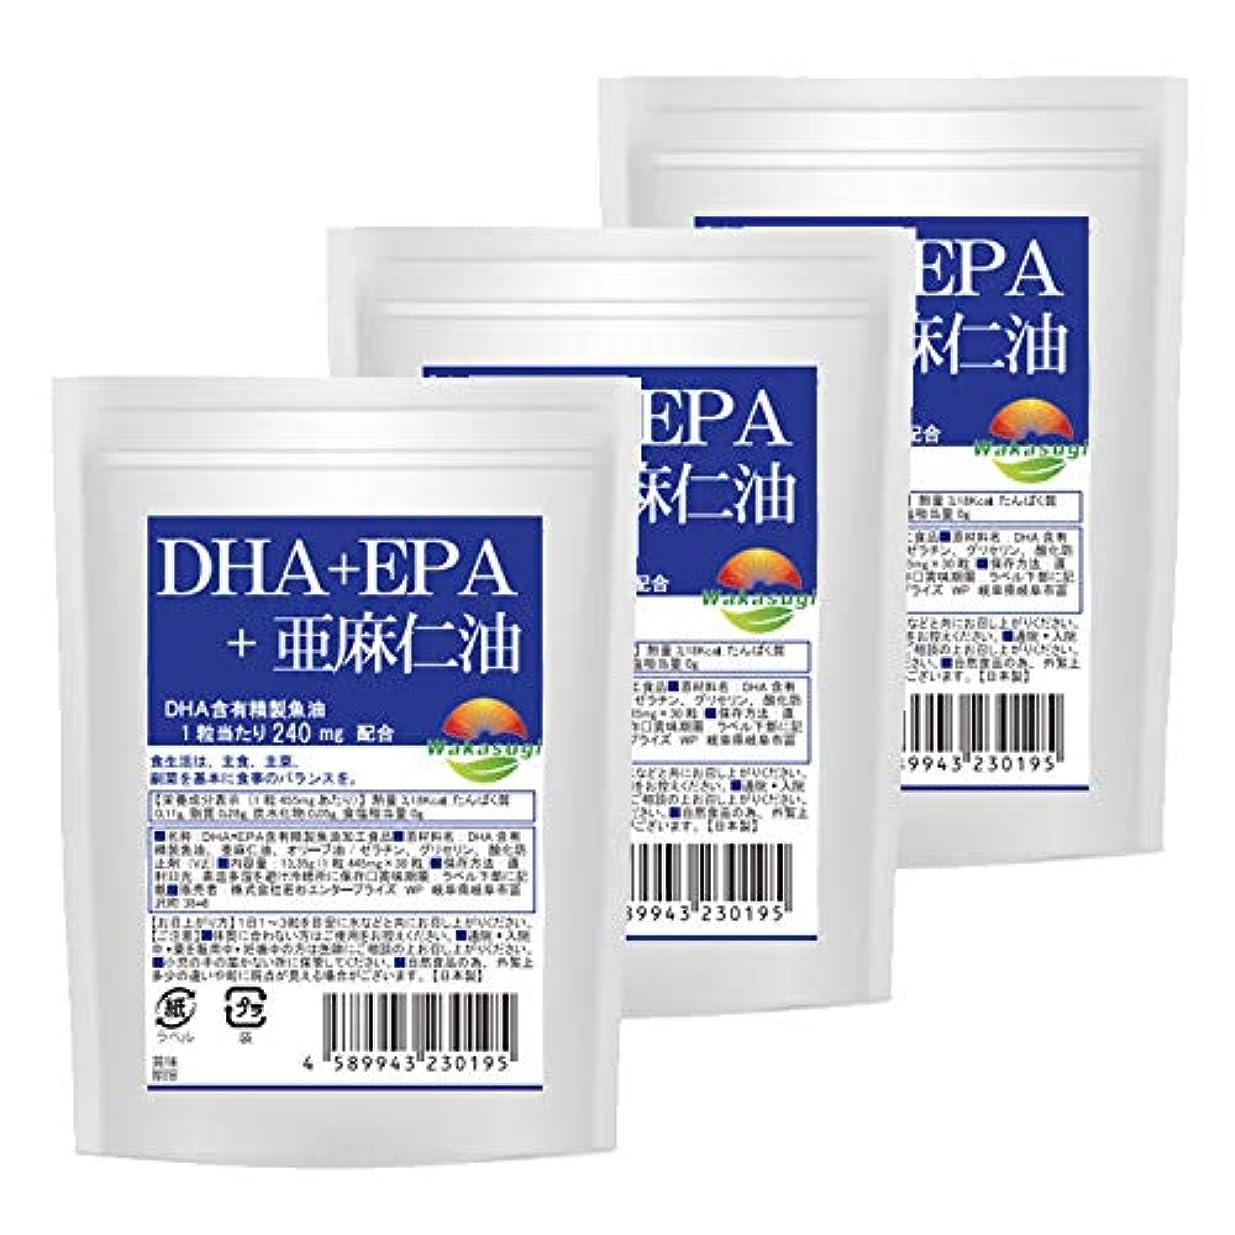 ローブ熟読進行中DHA+EPA+亜麻仁油 30粒 3袋 セット 計90粒 最大3か月分 ソフトカプセルタイプ